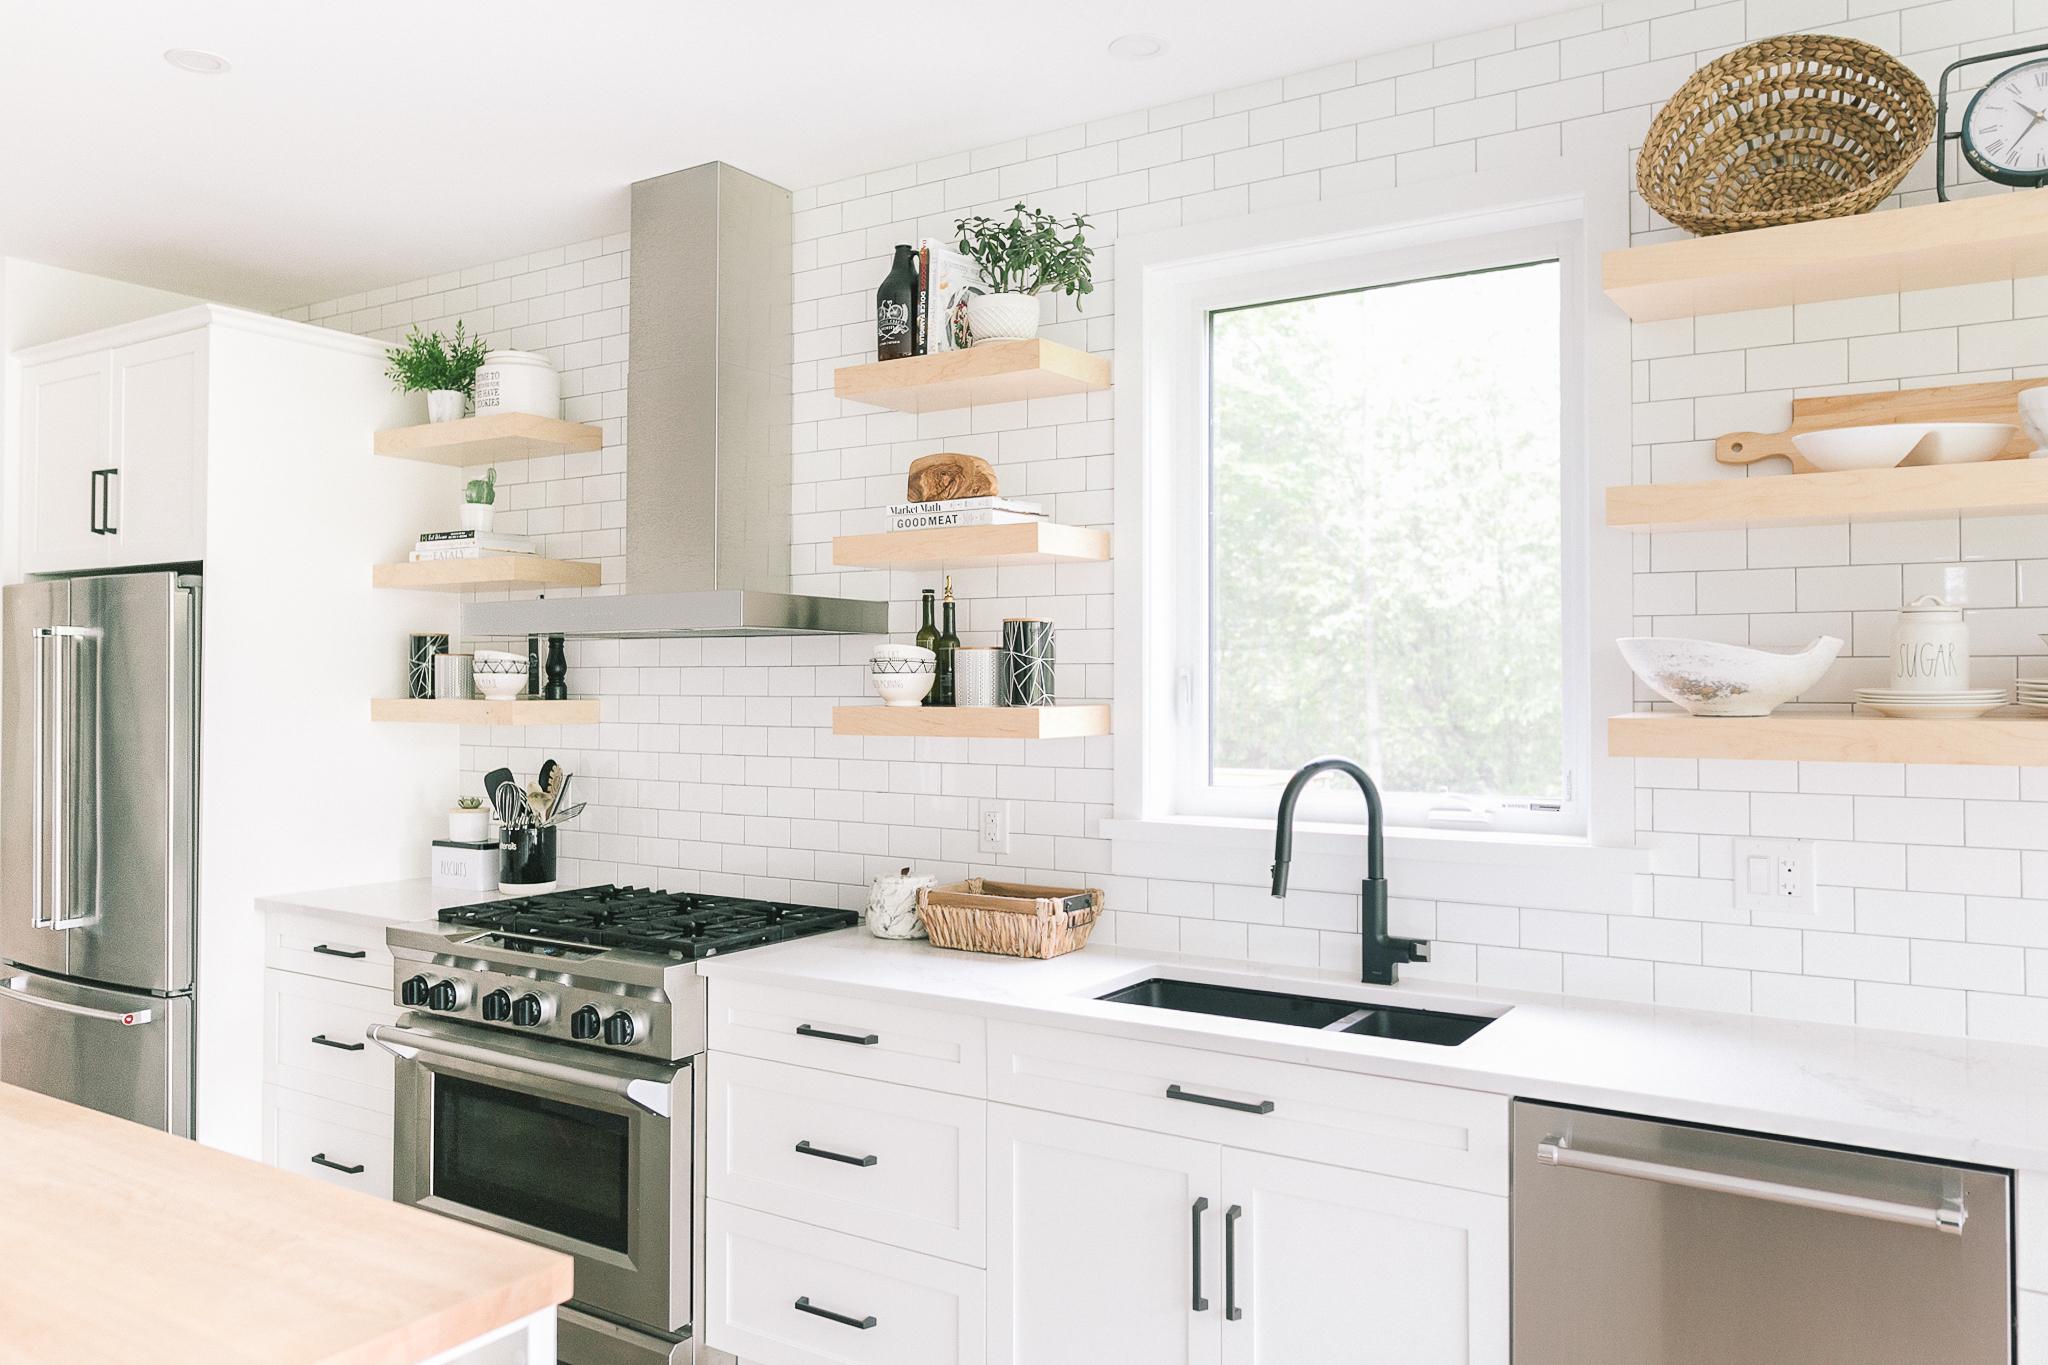 Interior-Design-Kitchen-Sink-Black-Hardware